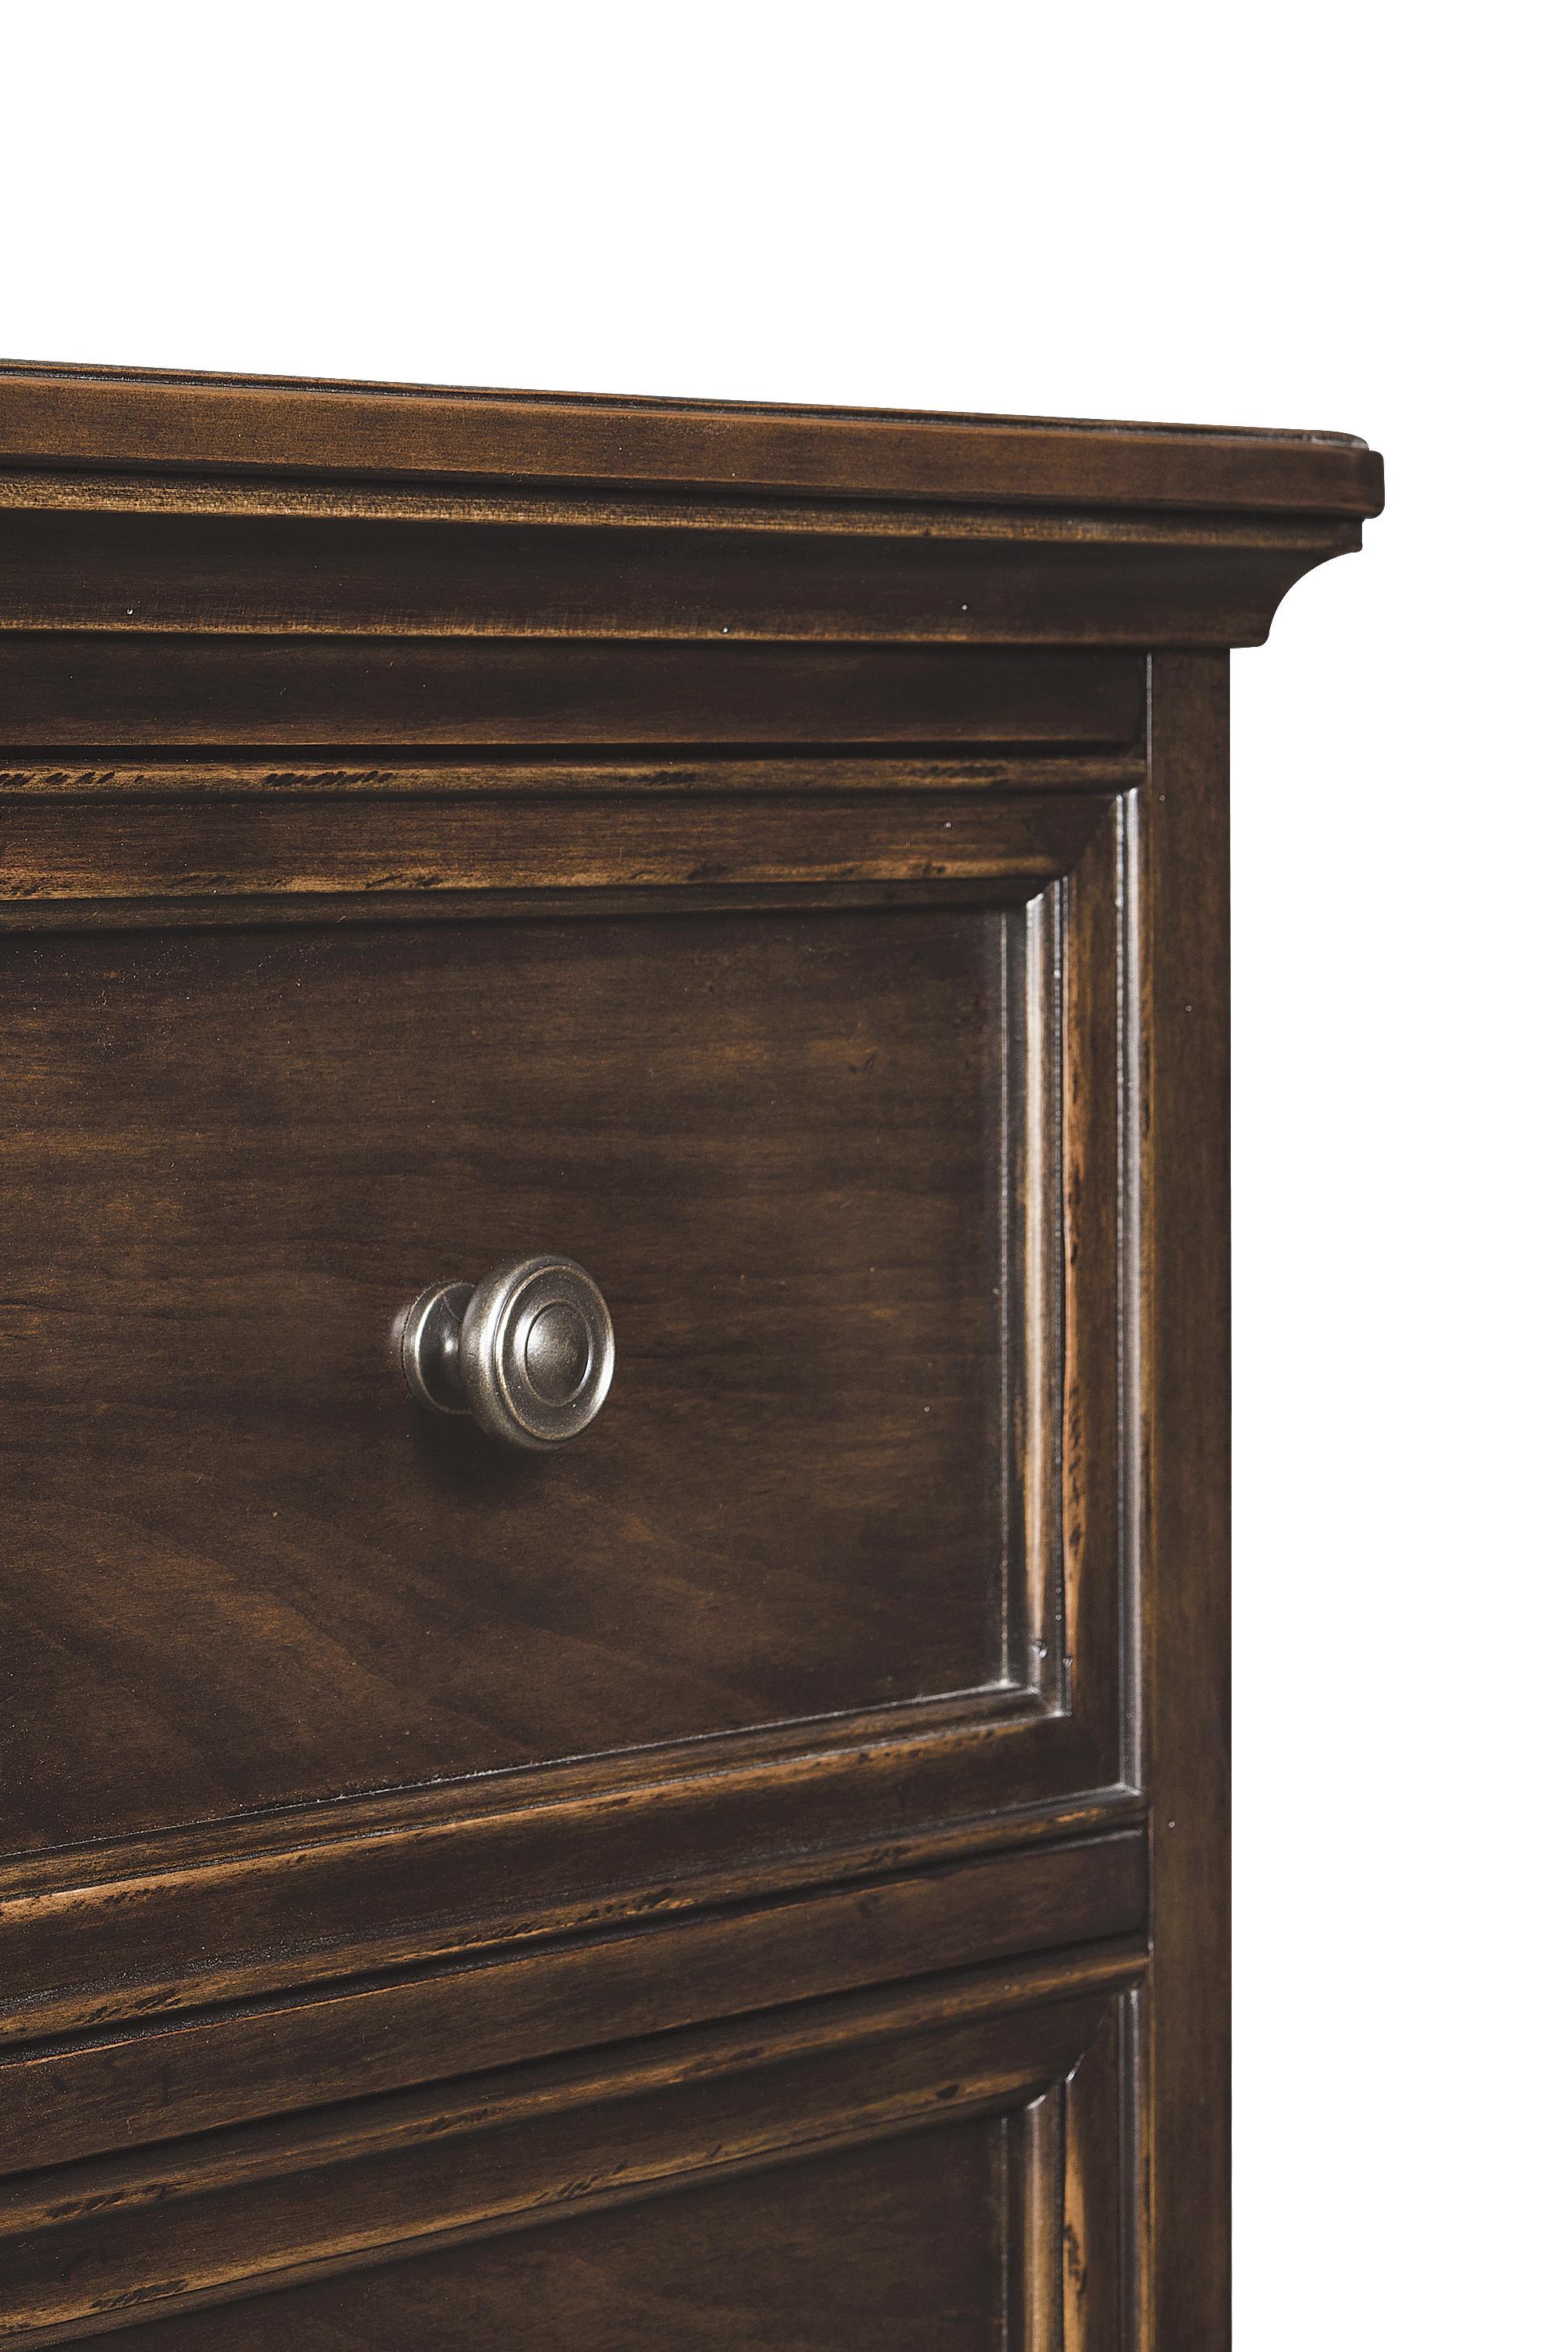 Lafayette B2352 By Belfort Select Belfort Furniture Belfort Select Lafayette Dealer